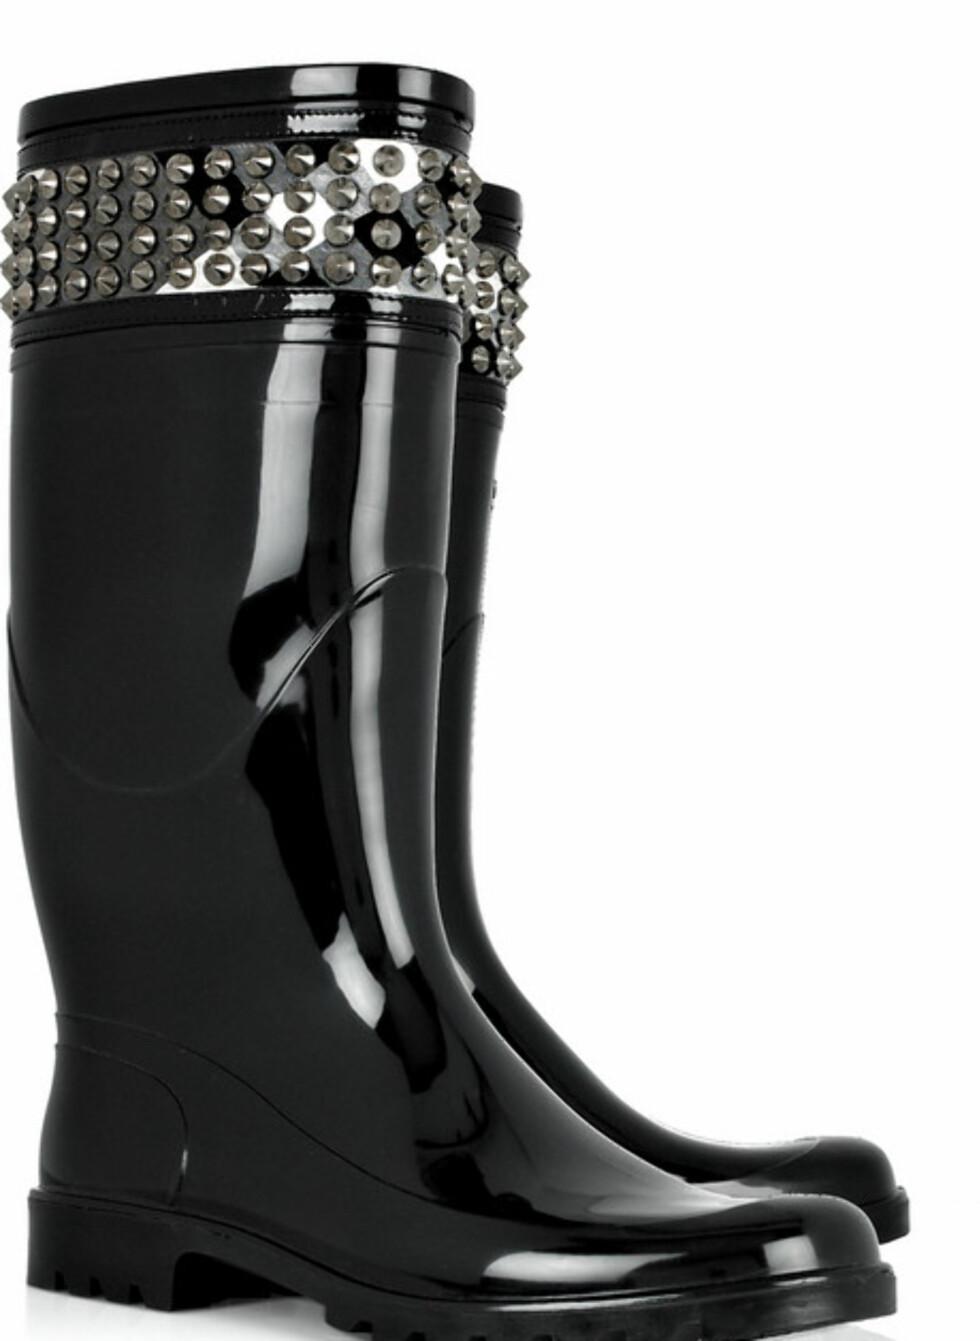 Til den som har råd, Burberry-støvler med nagler (ca kr.2285/Net-a-porter.com). Foto: Produsenten